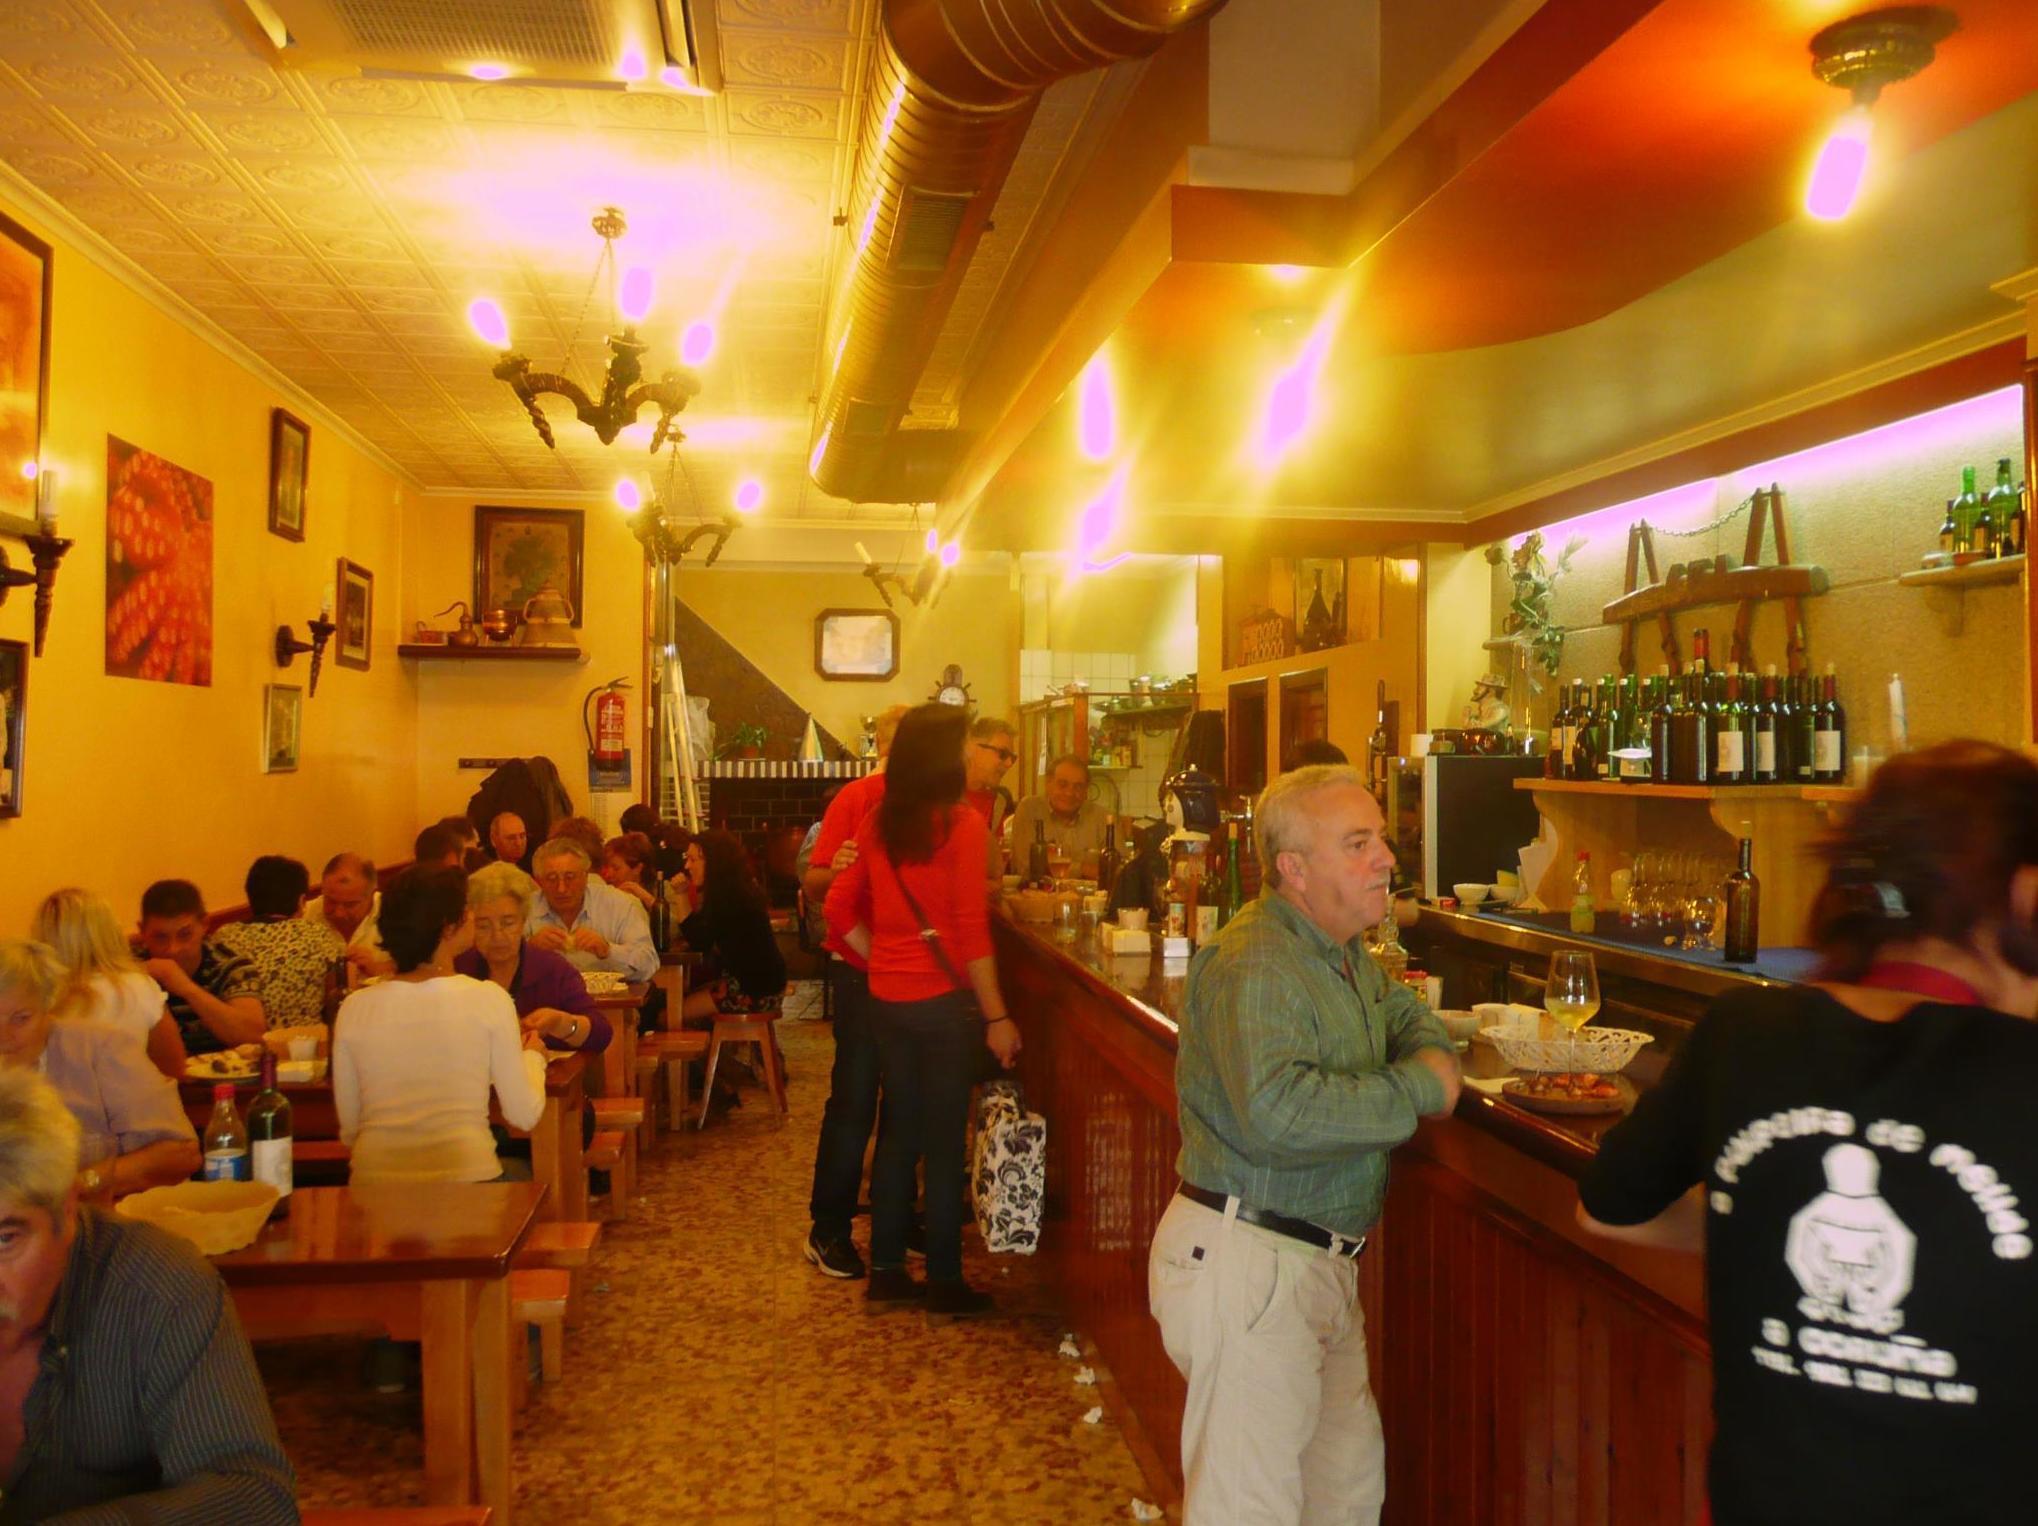 Restaurante de cocina gallega con especialidad en pulpo